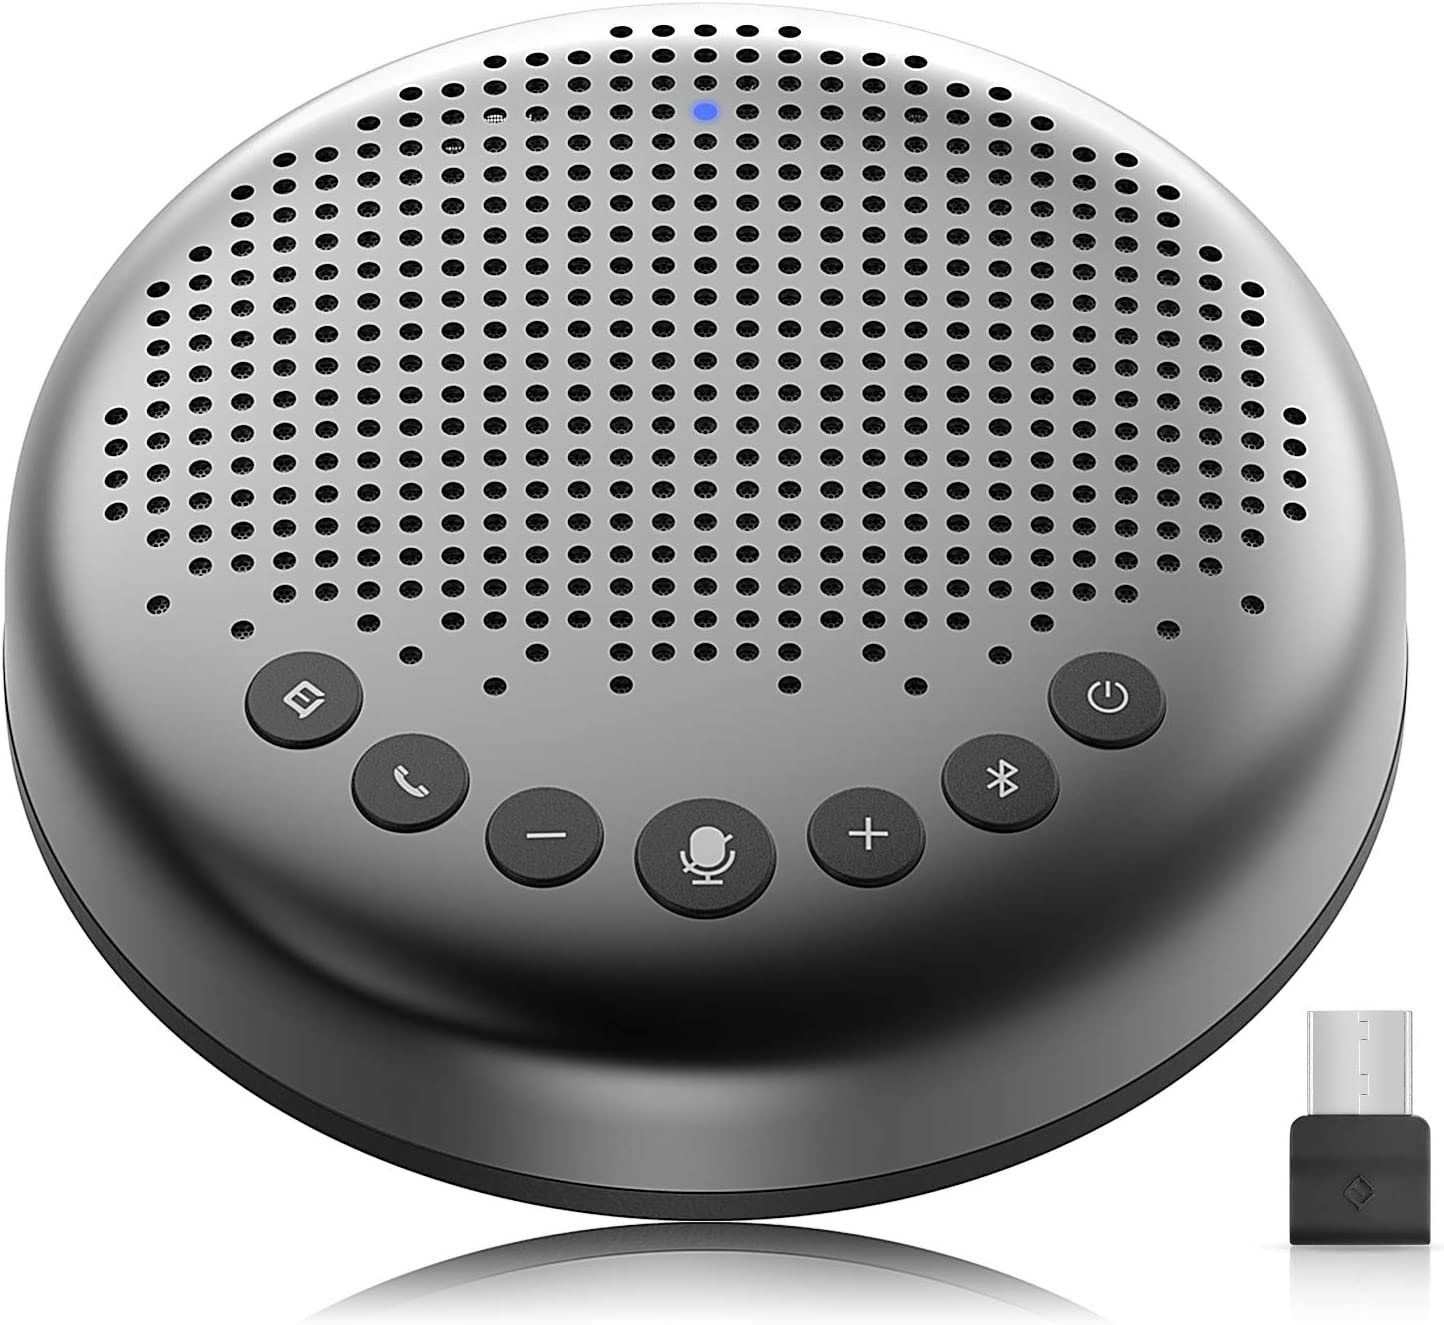 eMeet - Altavoz Bluetooth para conferencias - USB Manos Libres para 5-10 Personas Speakerphone 360 ° reconocimiento de Voz con USB Dongle, para Zoom, Skype, comunicación VoIP PC, etc